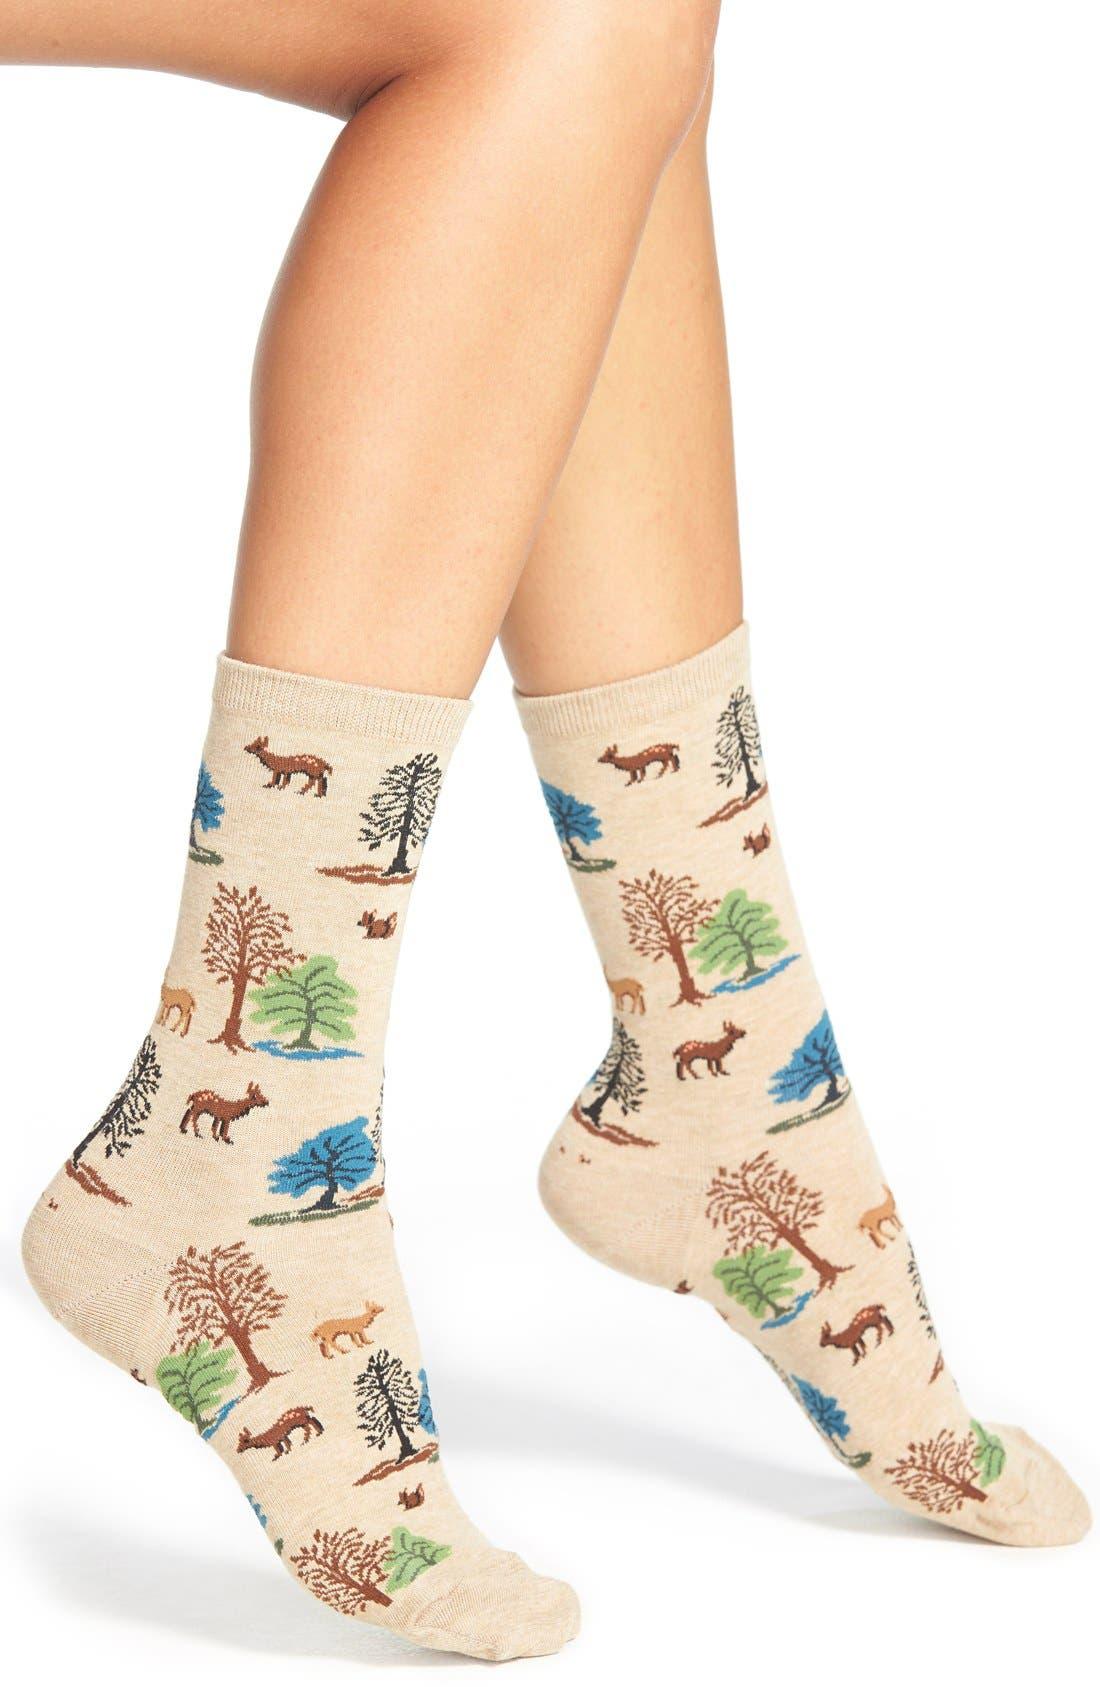 Alternate Image 1 Selected - Hot Sox 'Deer Scene' Crew Socks (3 for $15)